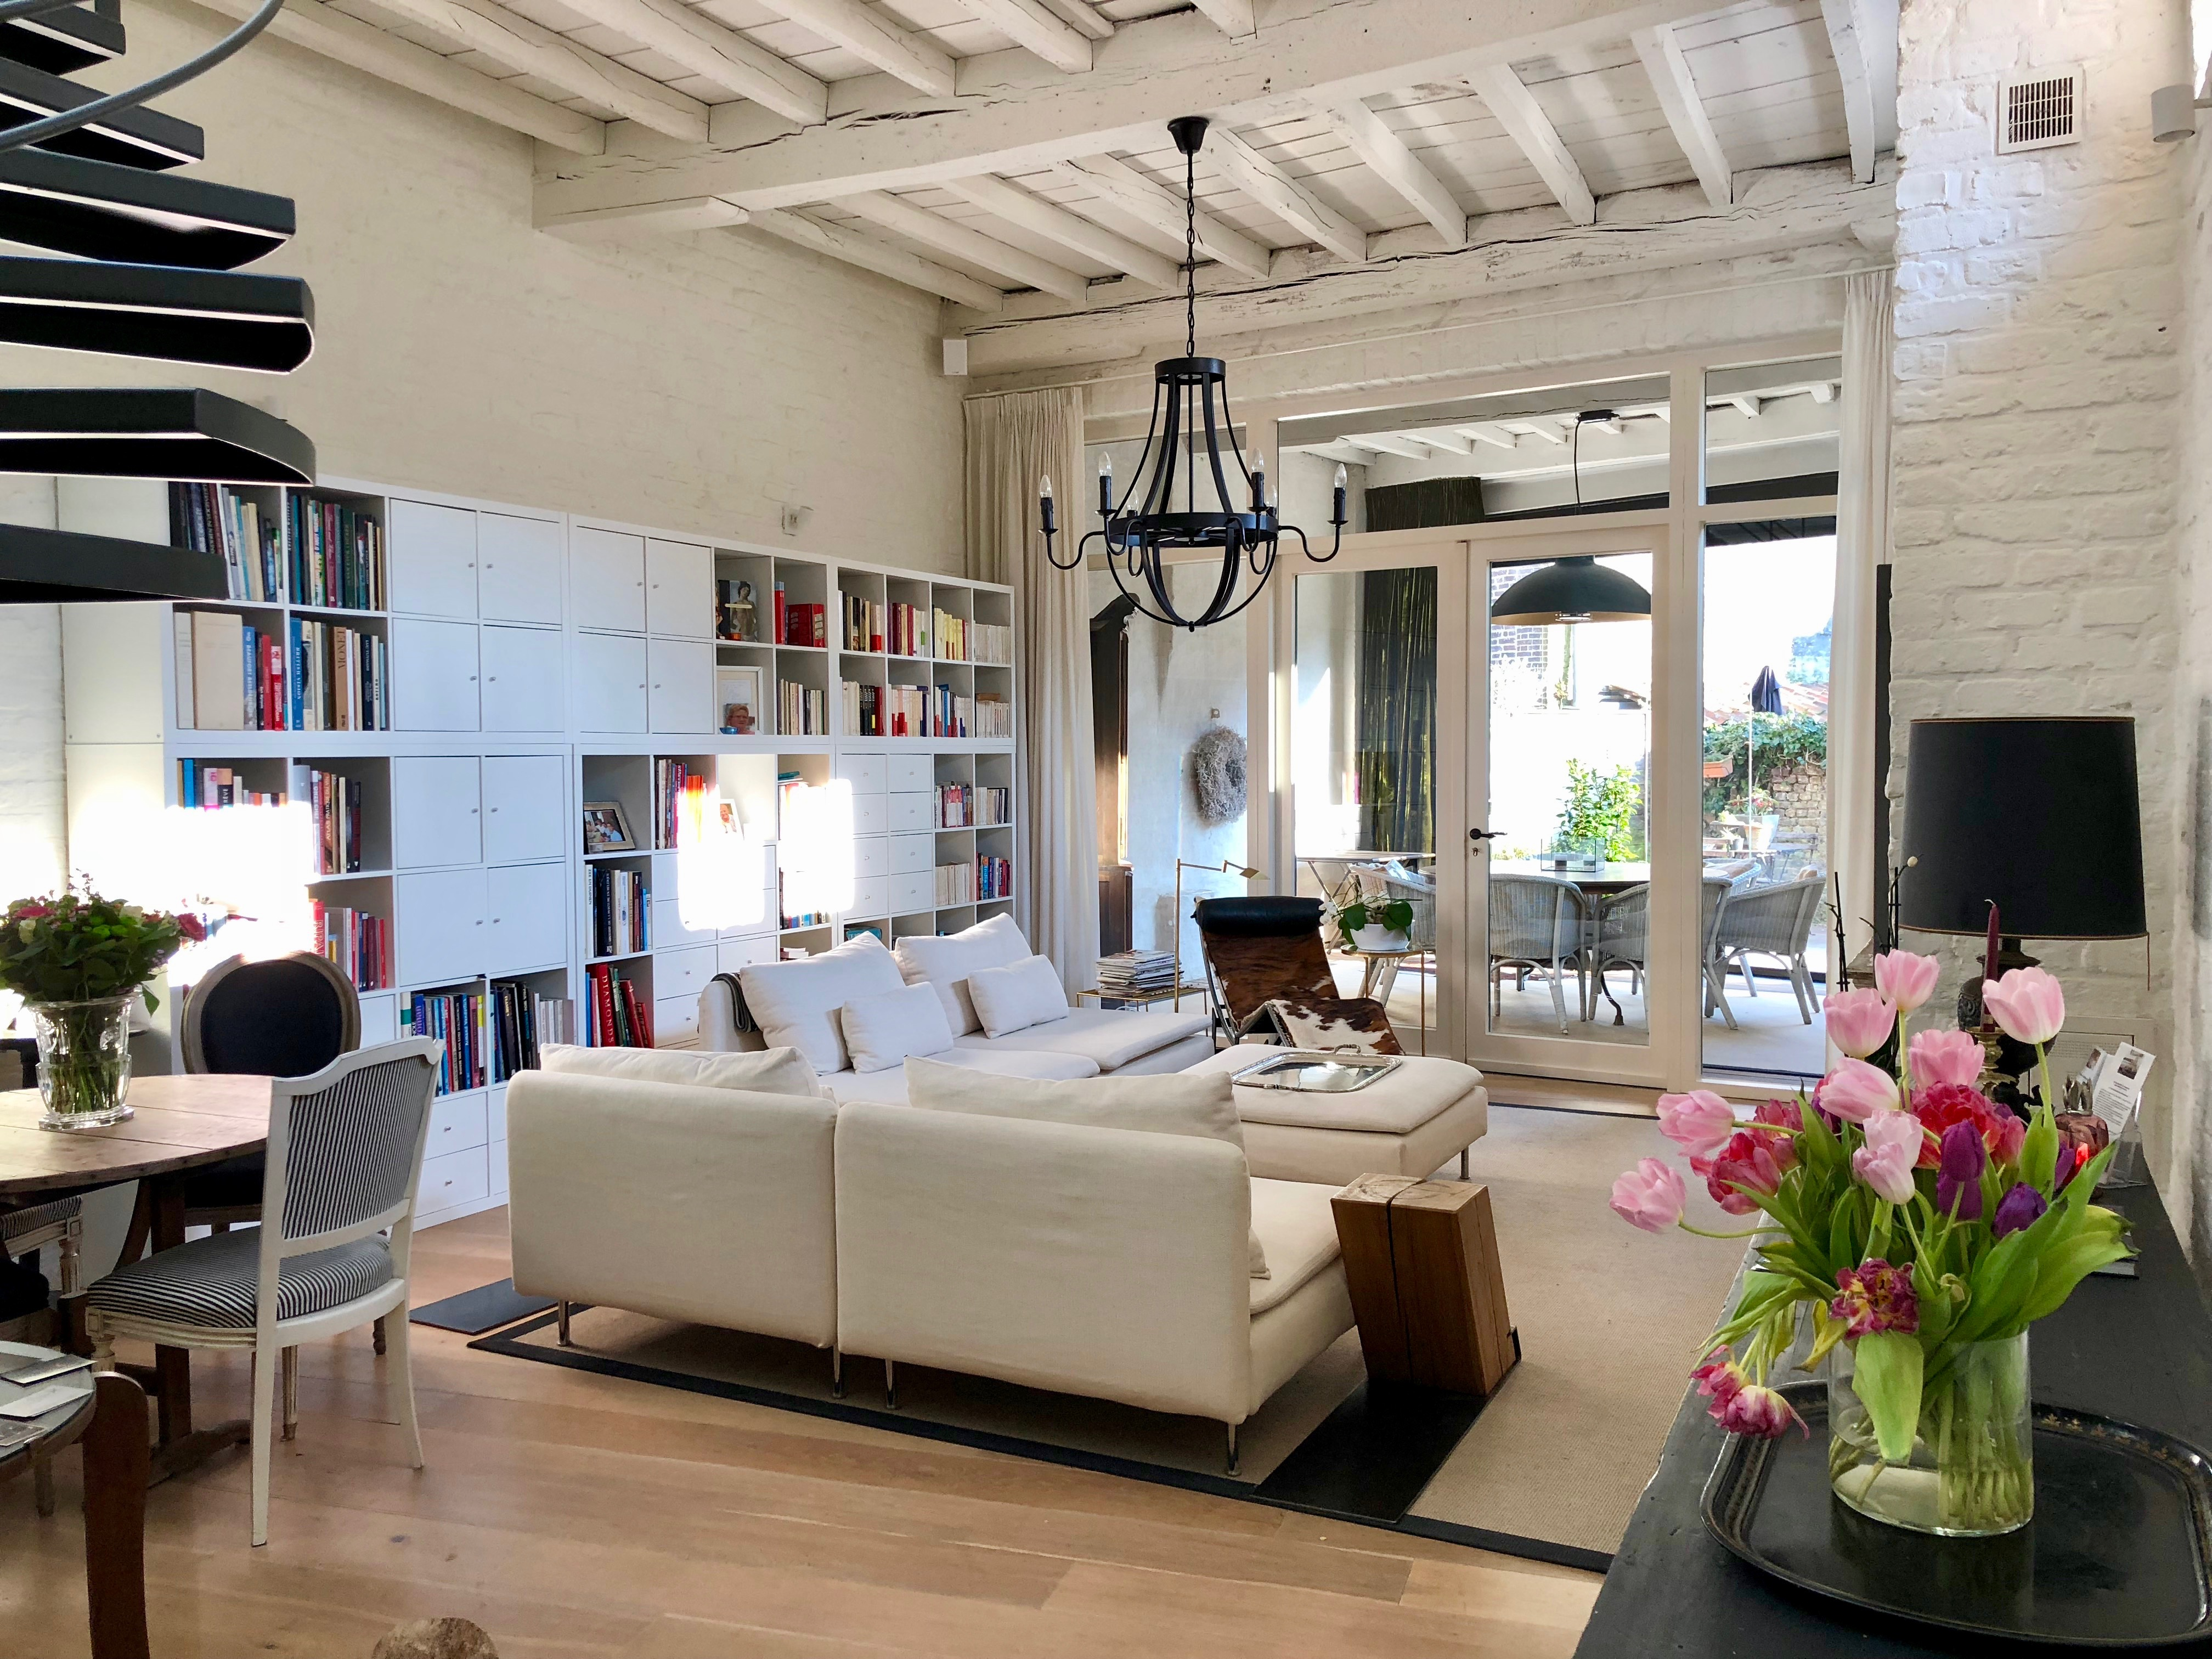 Salon Decoration Belgique : Maison amodio b à bruges comme chez vous plus au nord